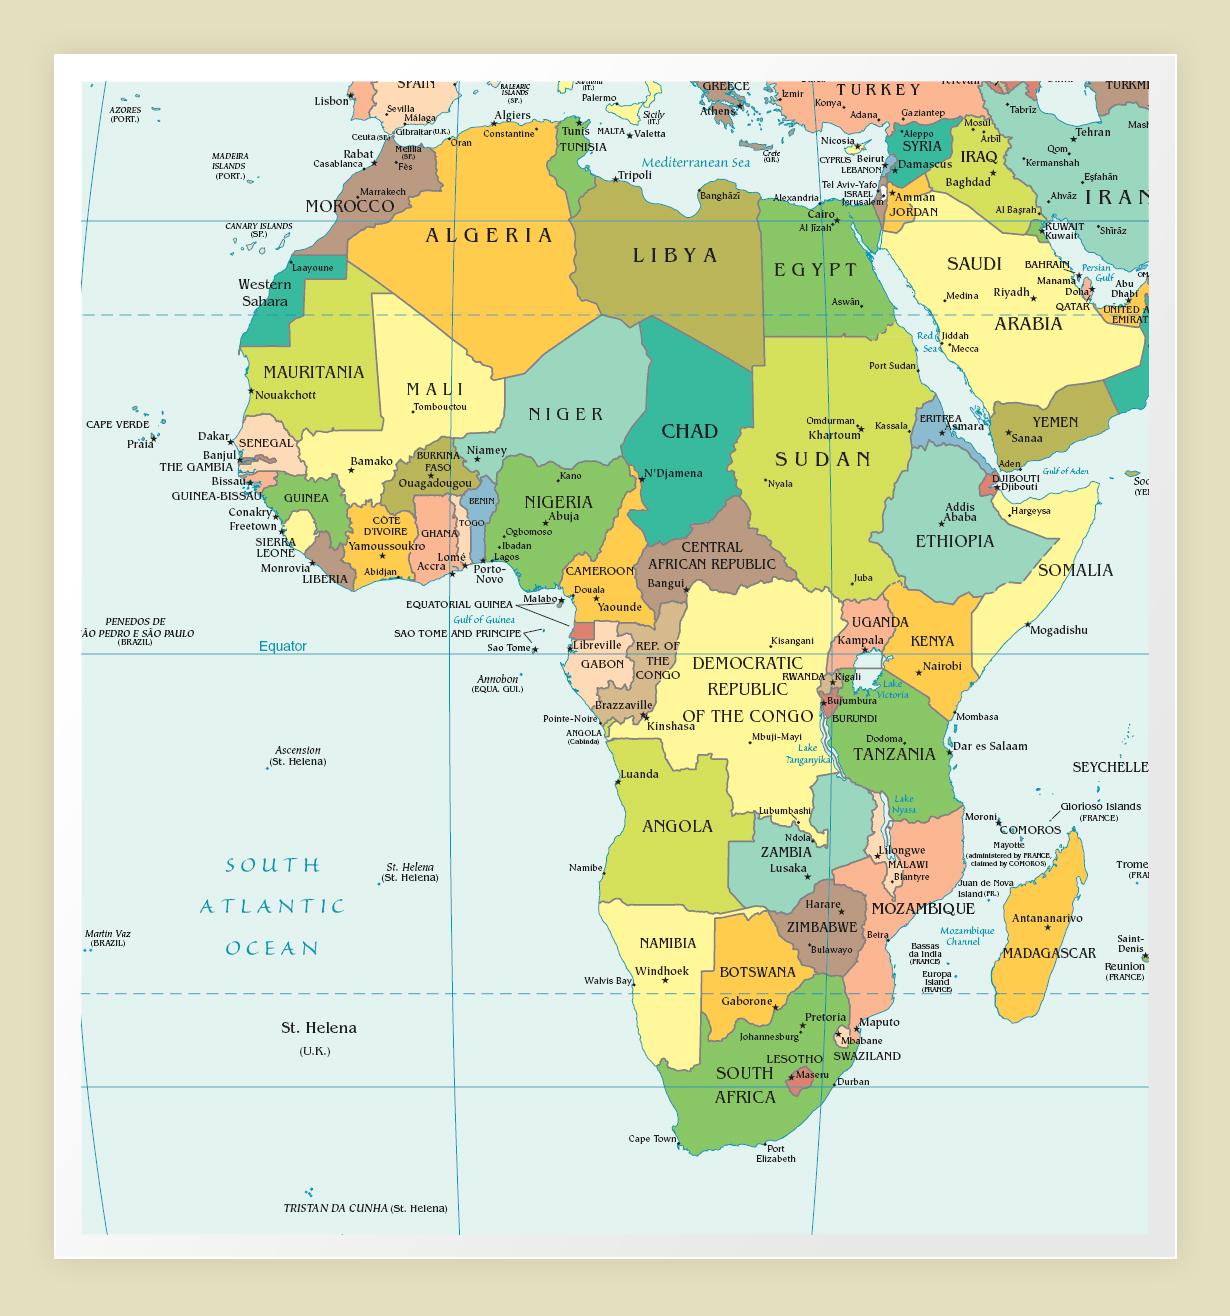 Путешествие по Африке: отдых и сафари.: http://globustur.spb.ru/catalog/?sect_id=ba41dea5